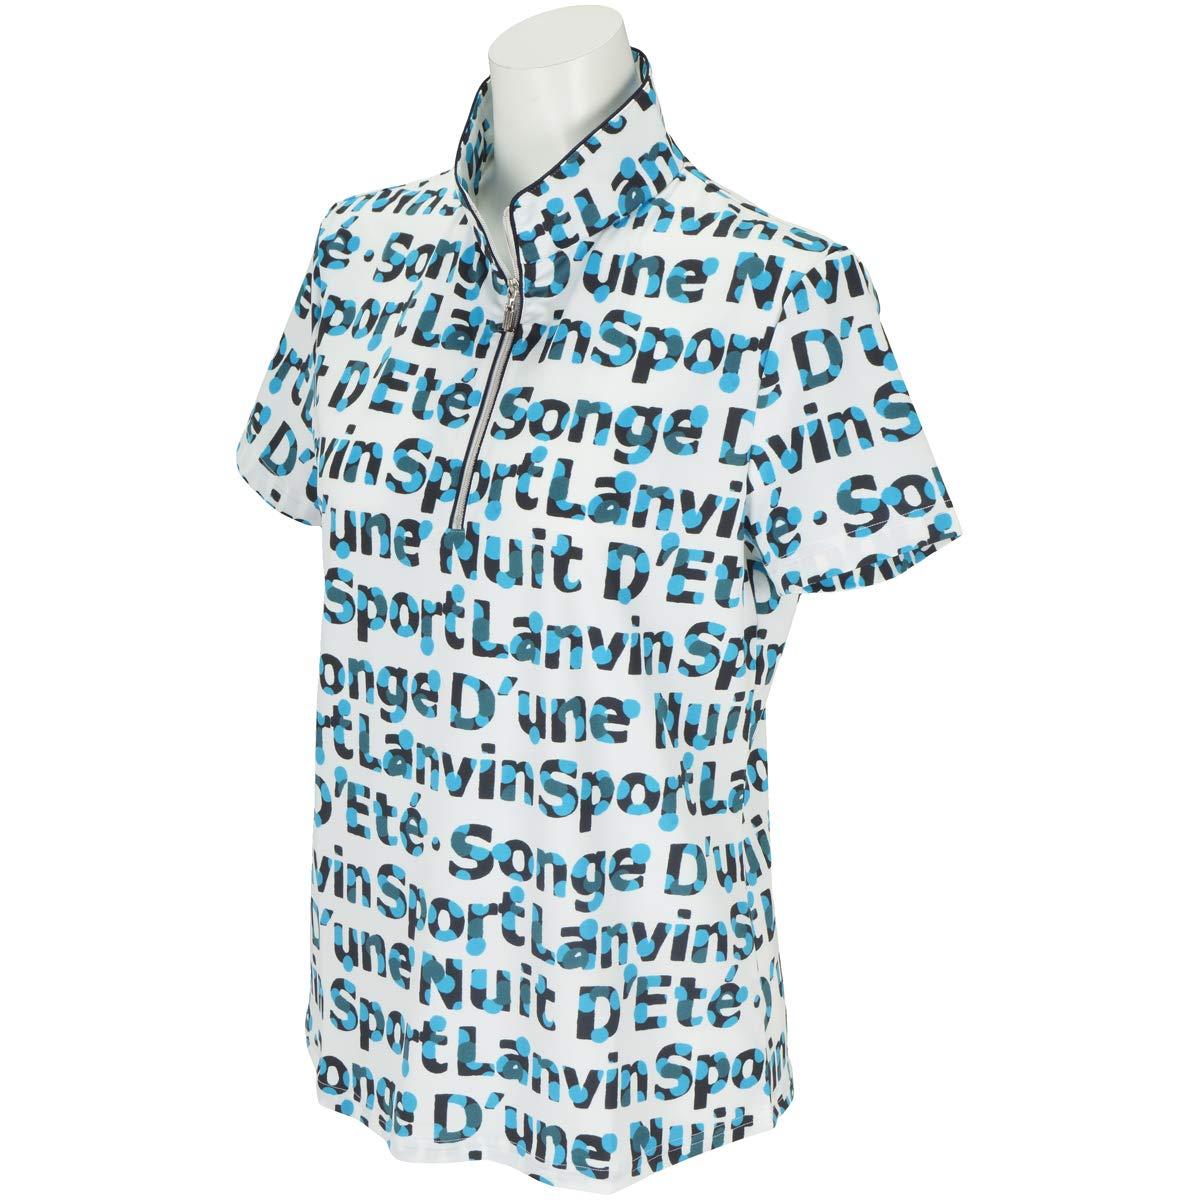 ポロシャツ レディース ランバン スポール LANVIN SPORT 日本正規品 2019 春夏 ゴルフウェア vln1562y6   B07QHRFDHH